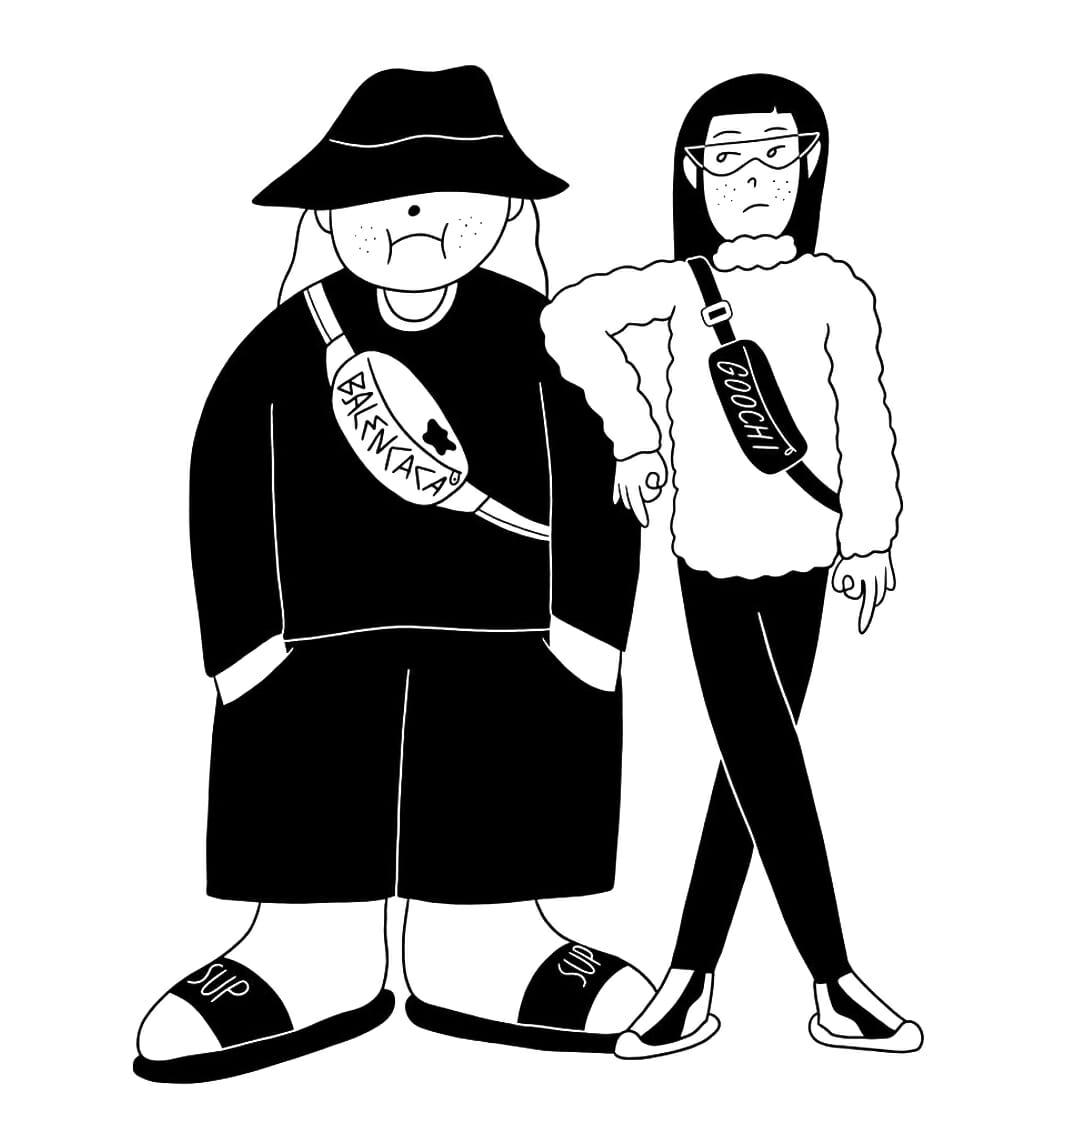 Deux personnages Fashion addict en Balencaca et Goochi.